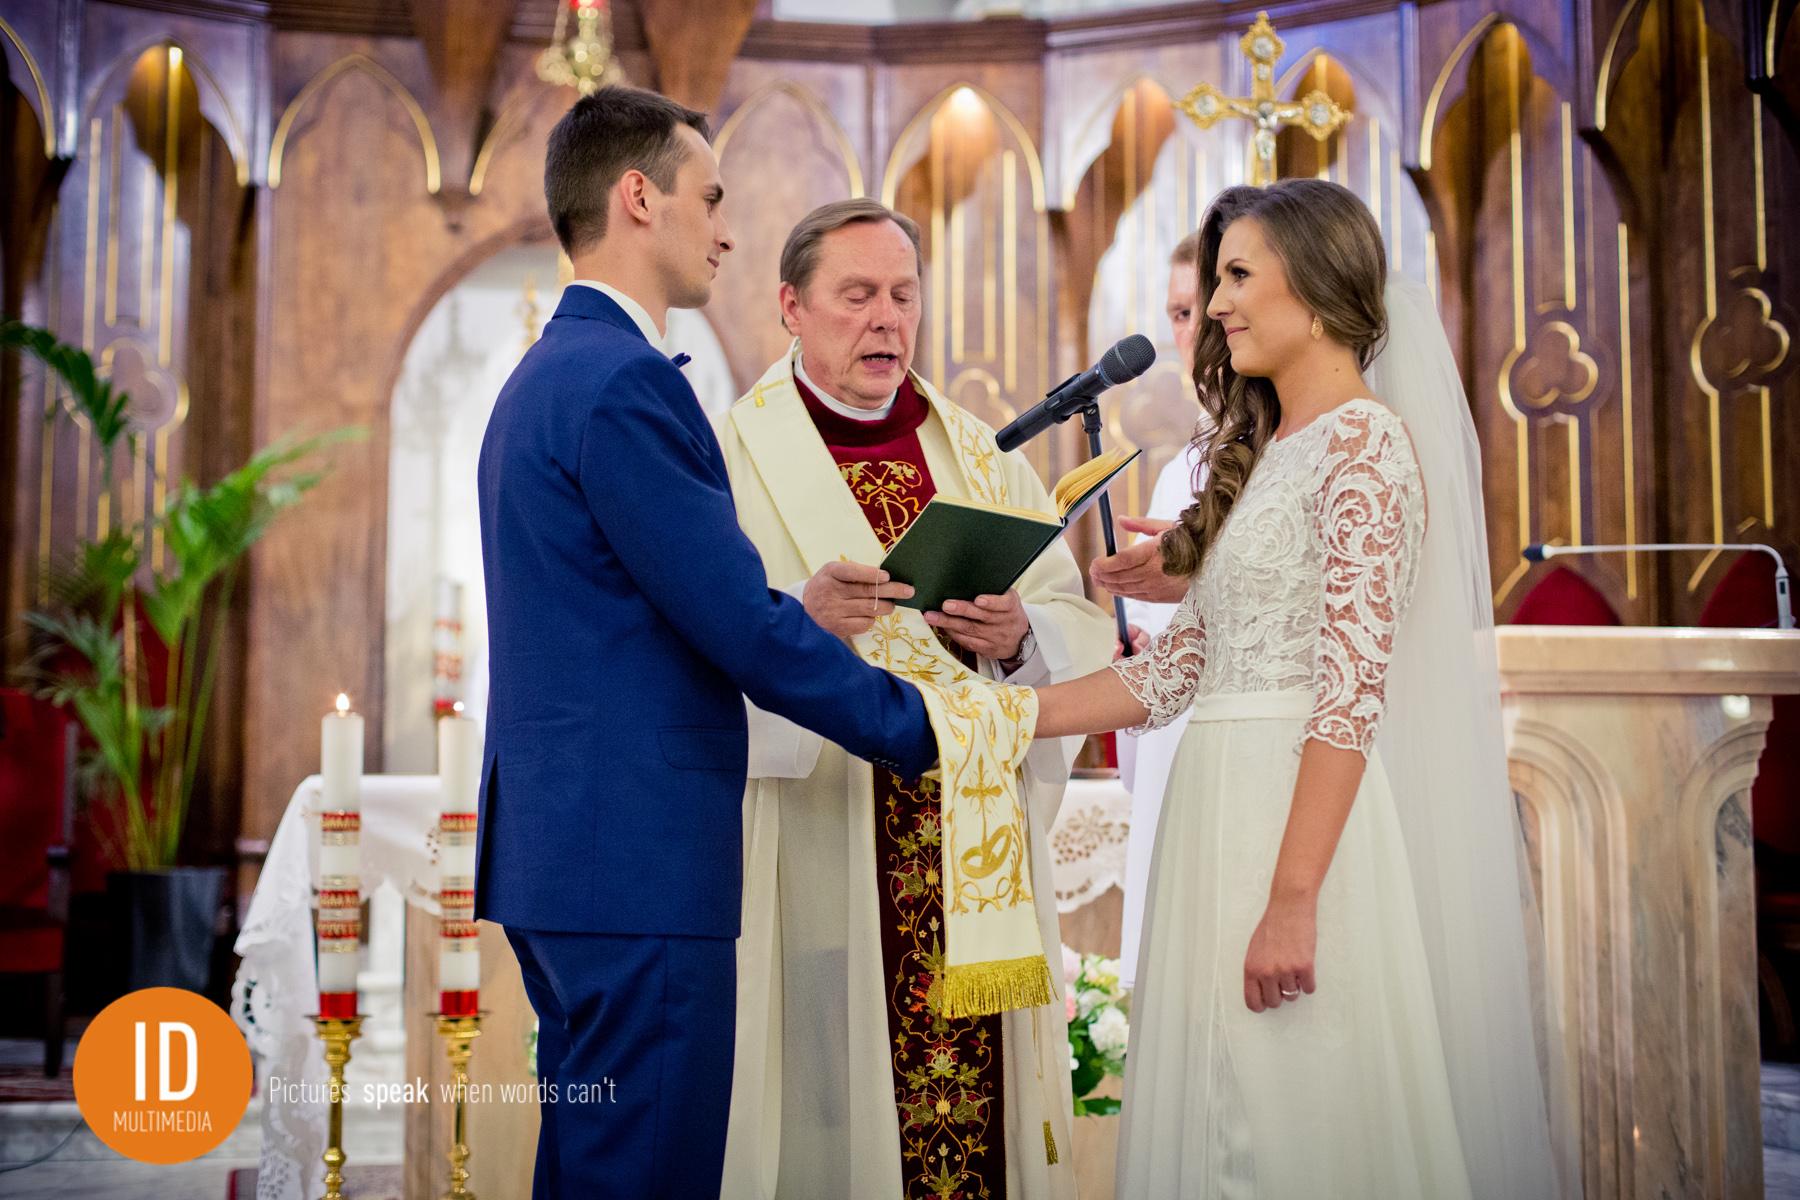 Przysięga w kościele zdjęcia ślubne IdMultimedia